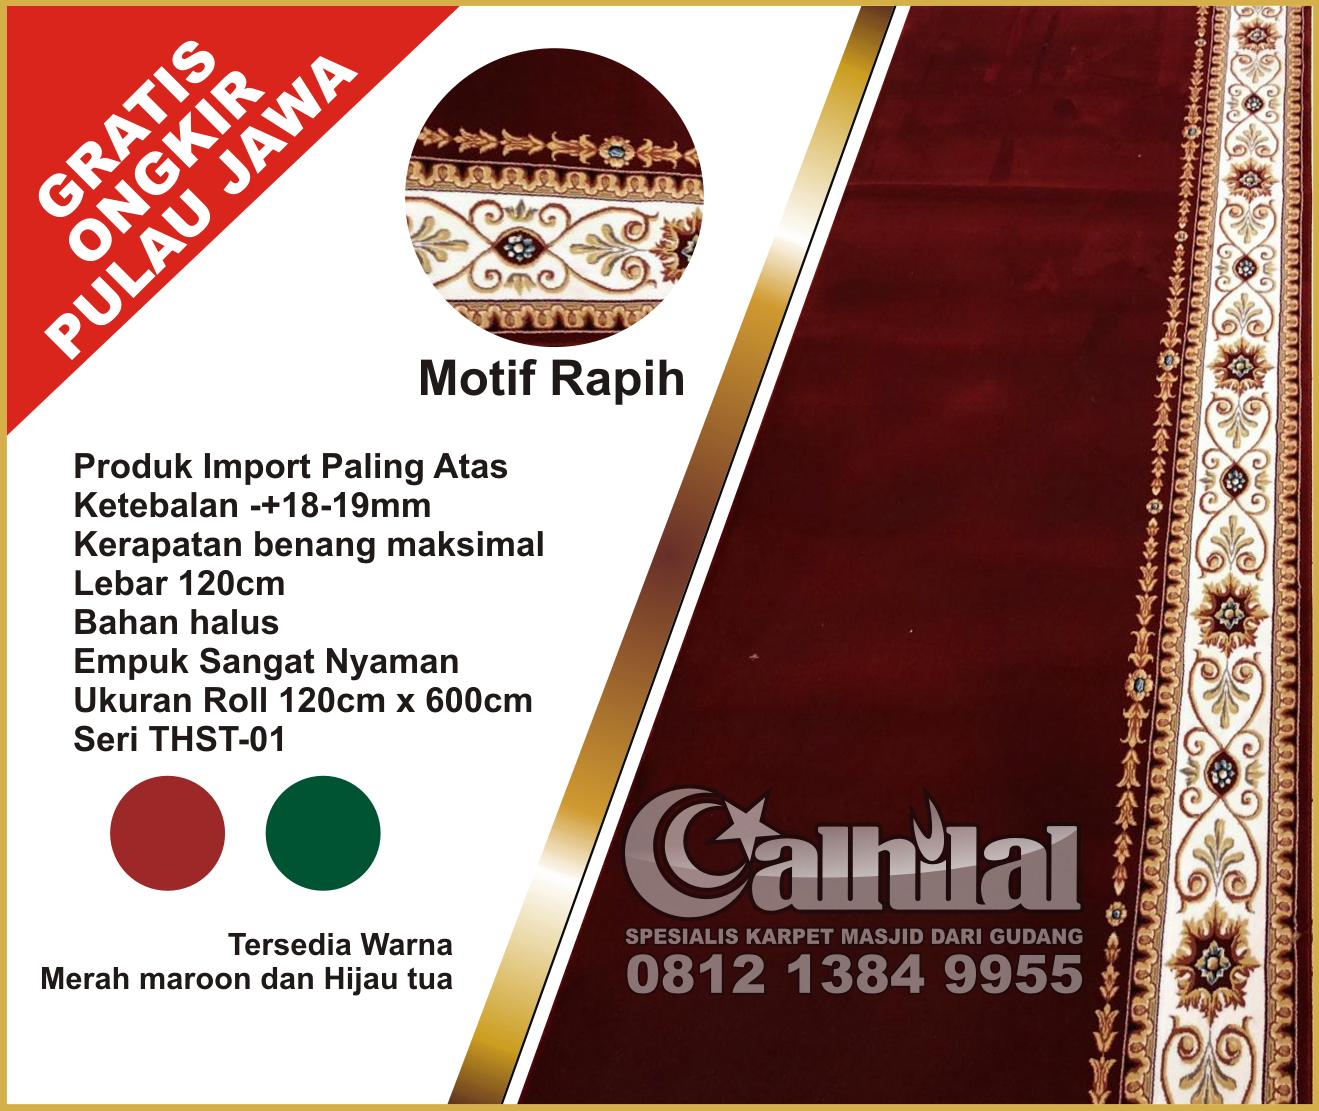 Karpet Masjid Super Premium Warna Merah Maroon